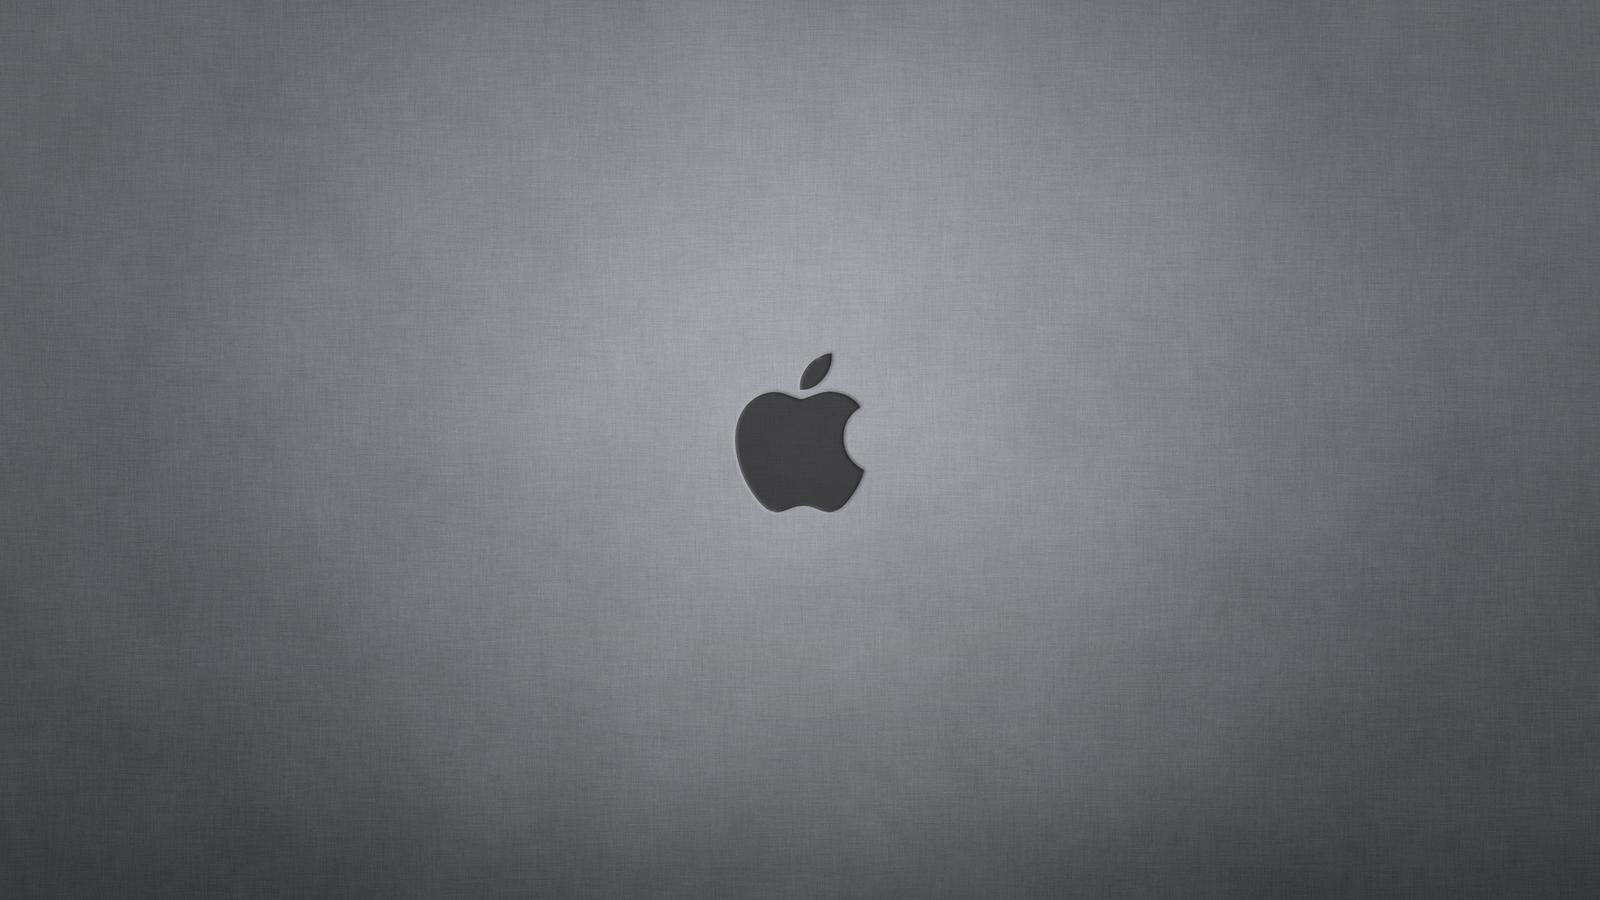 Oboi Novogo Osx Mountain Lion Lajfhaker Desktop Wallpaper Black